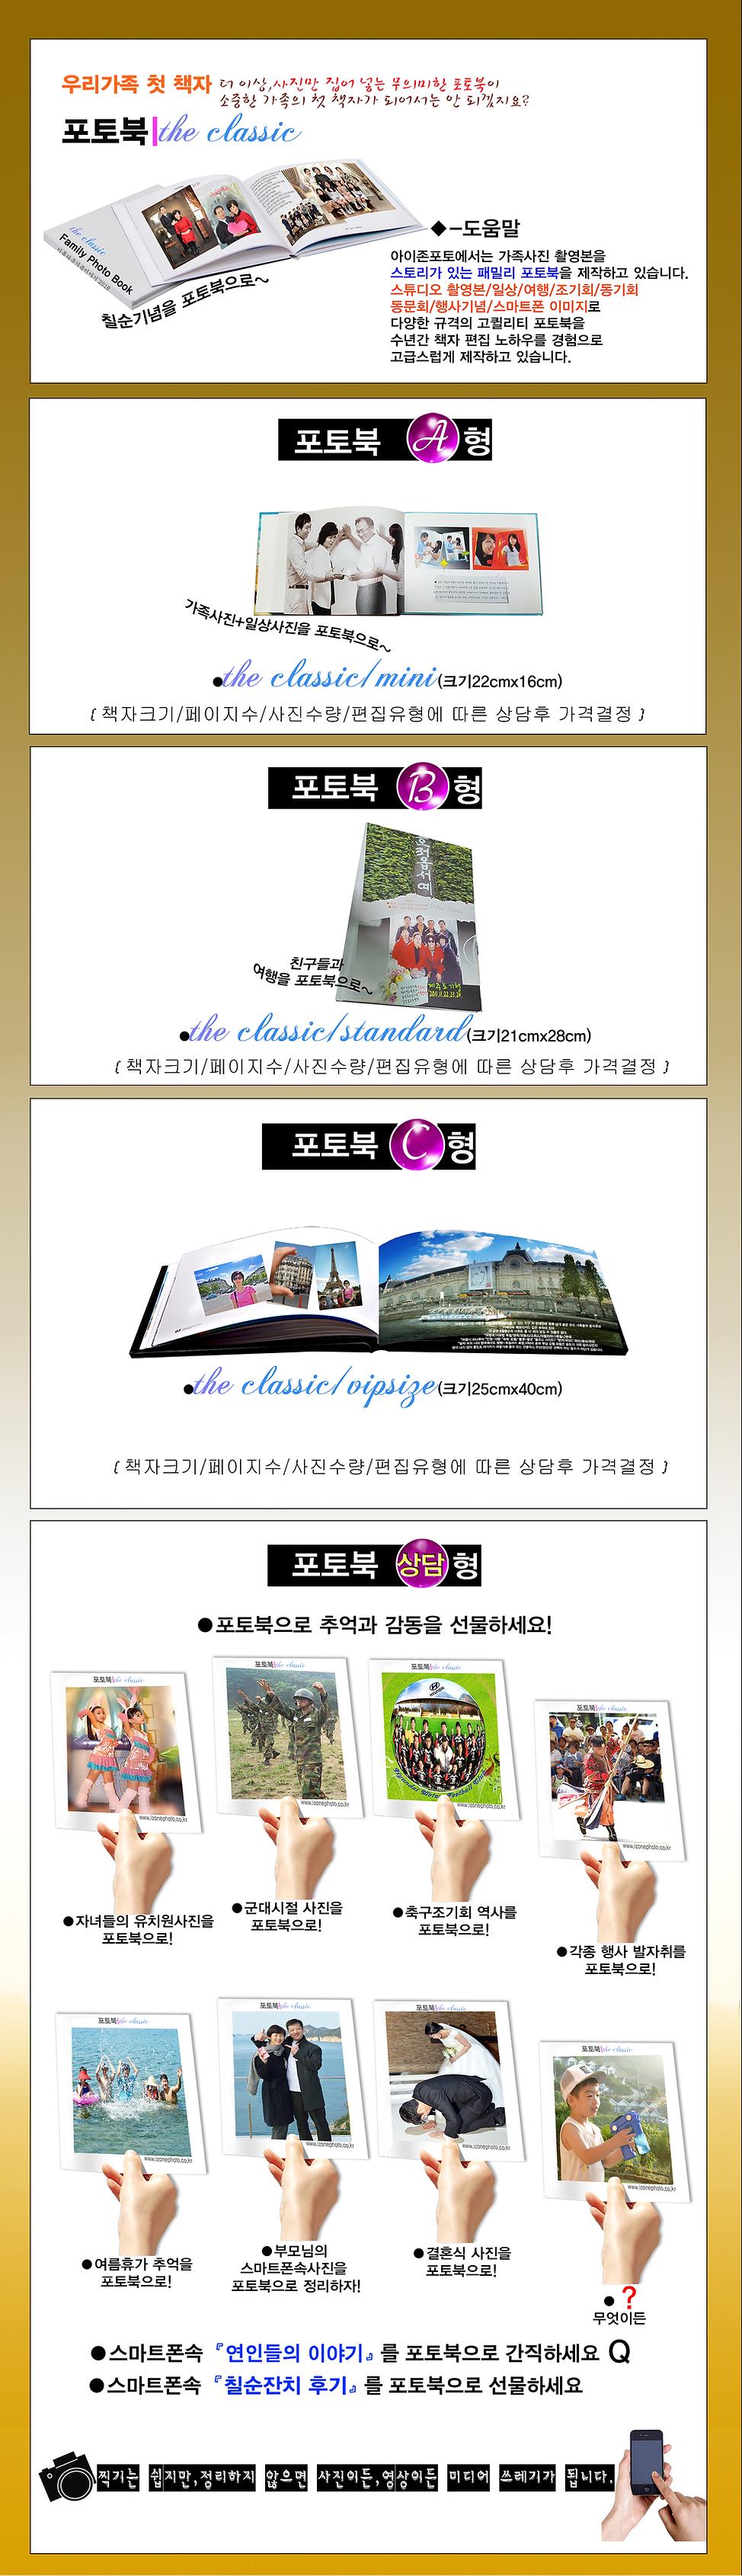 2가족-2018-9월포토북.png